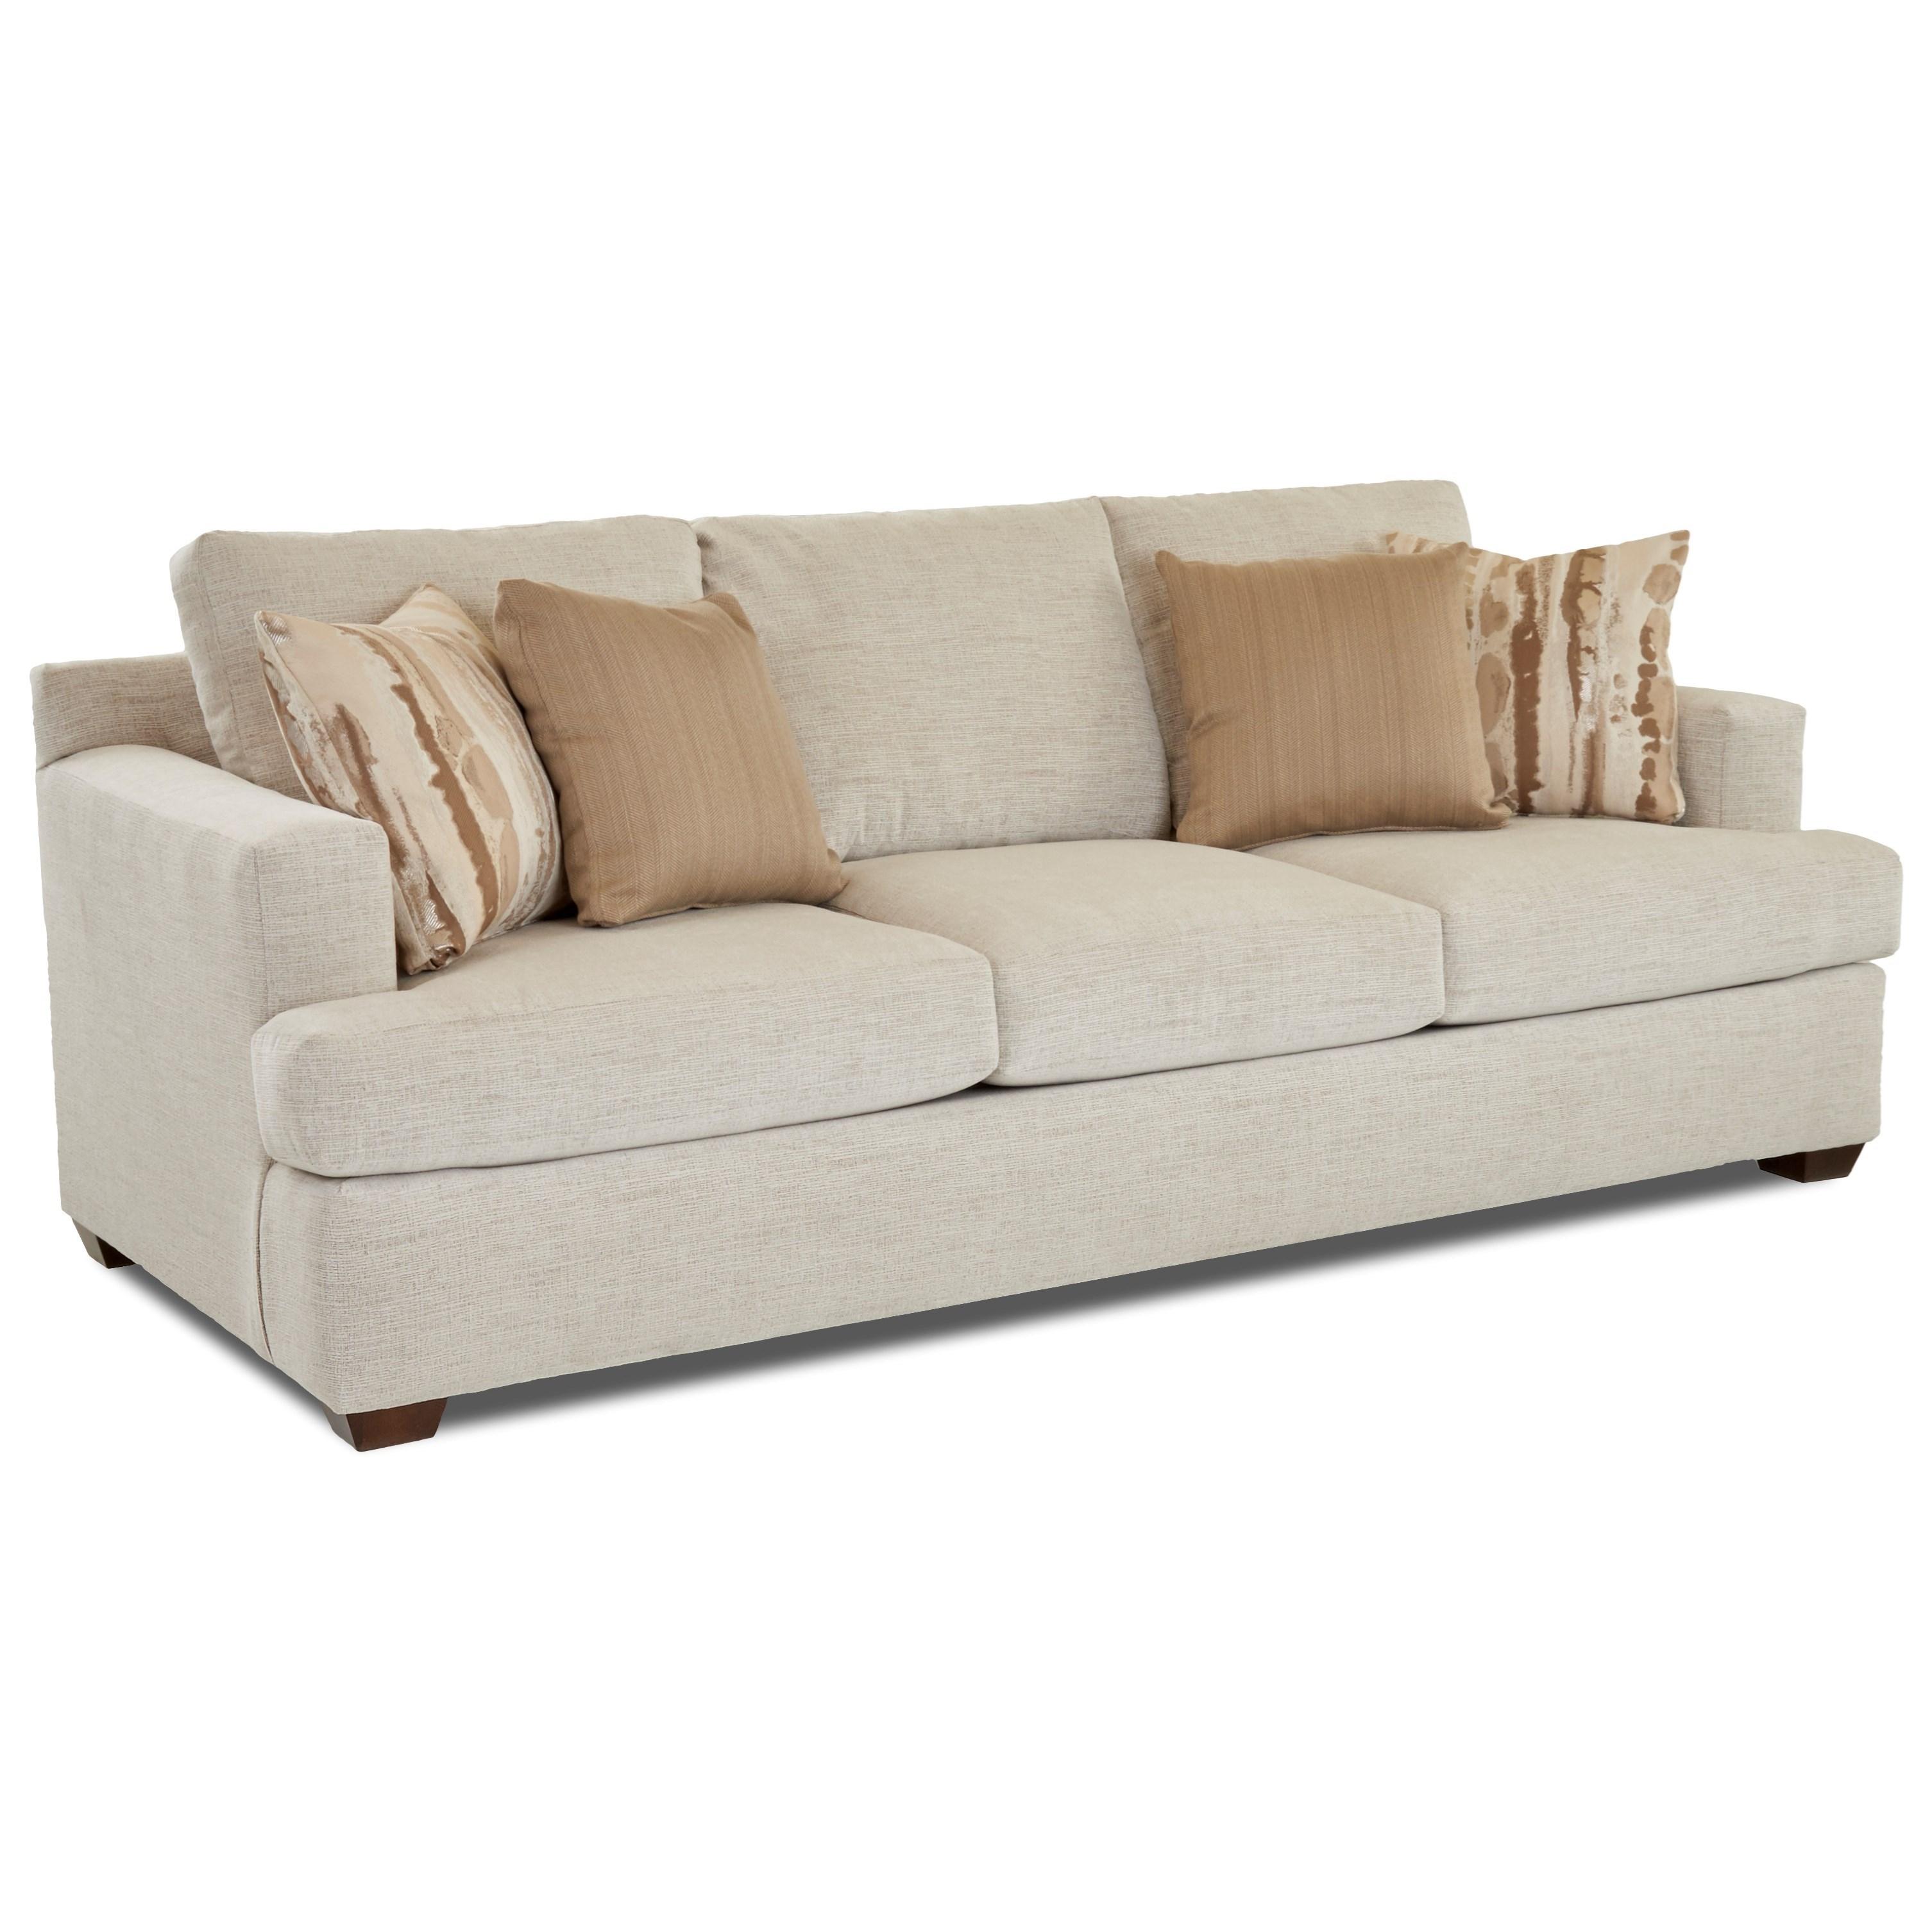 Juniper Sofa by Klaussner at Johnny Janosik